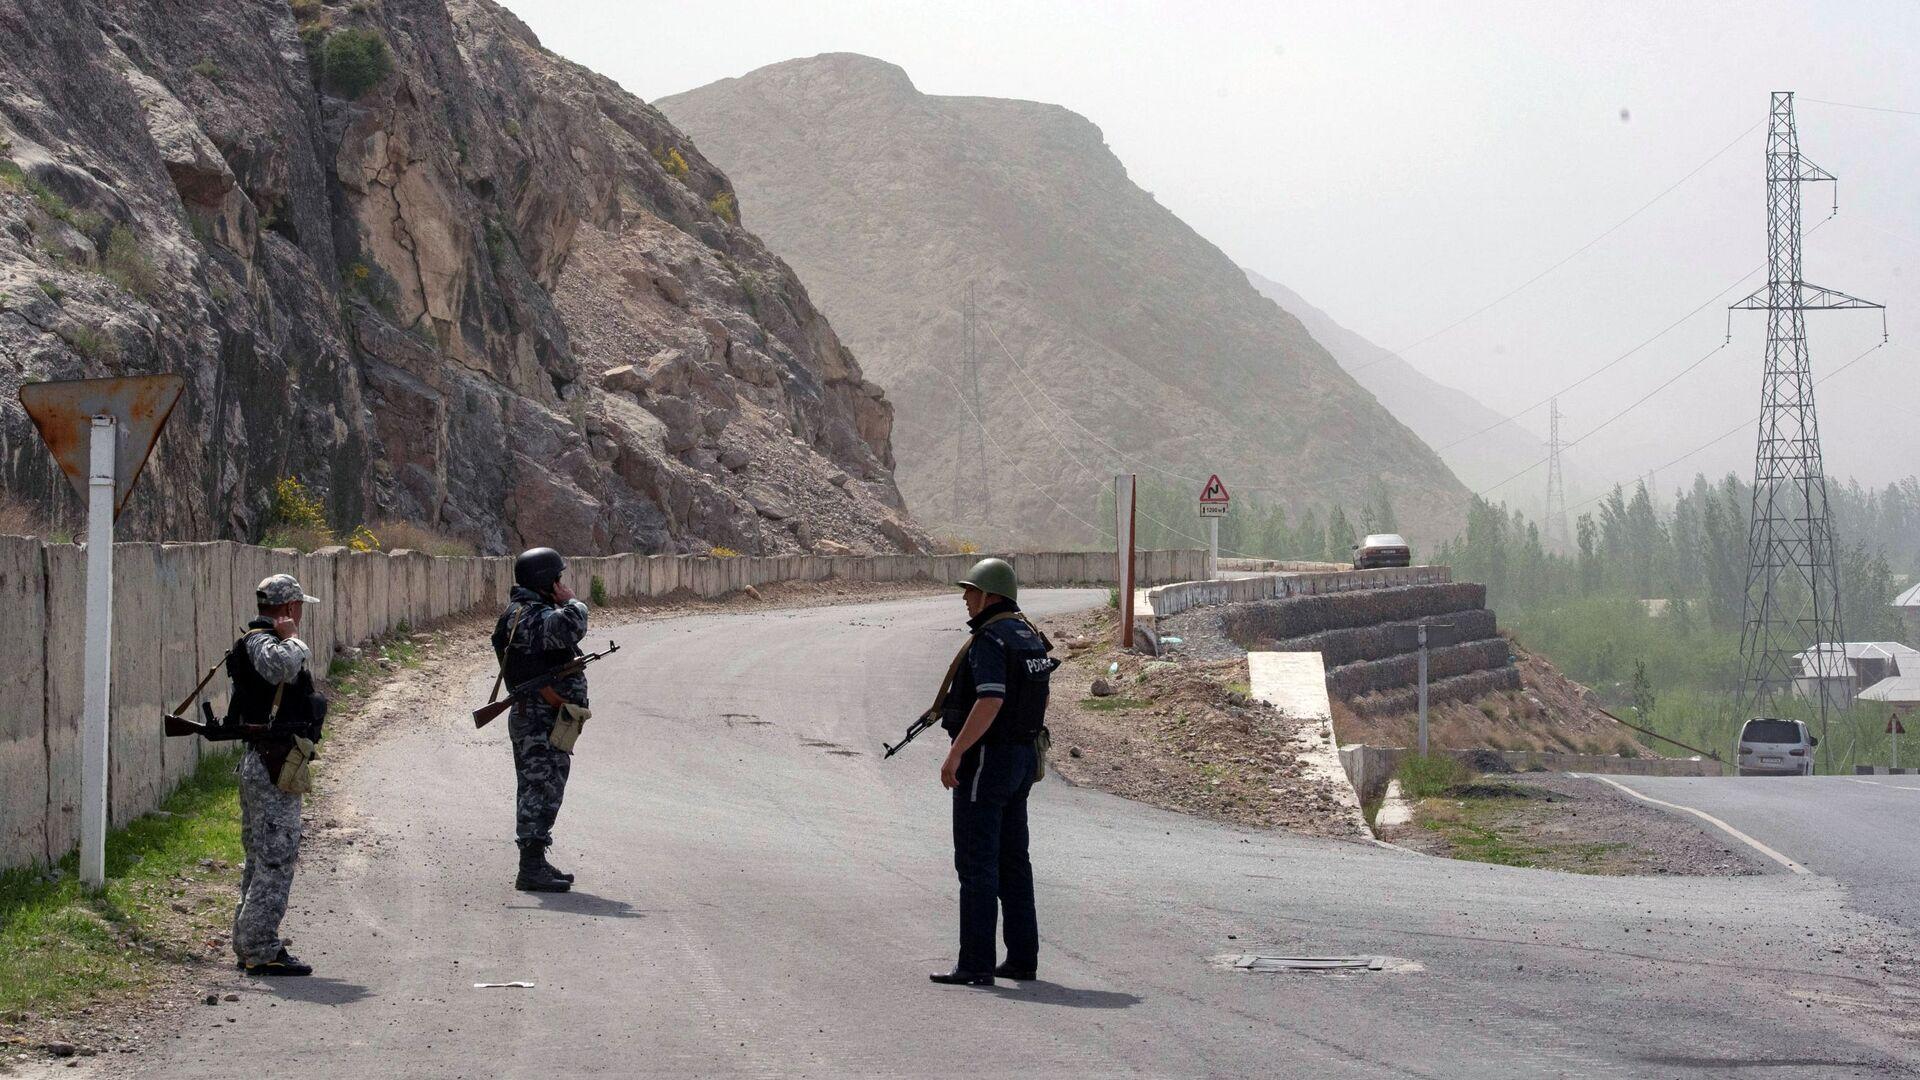 Военнослужащие и сотрудники полиции Киргизии в районе села Кок-Таш на границе между Киргизией и Таджикистаном - Sputnik Česká republika, 1920, 01.05.2021